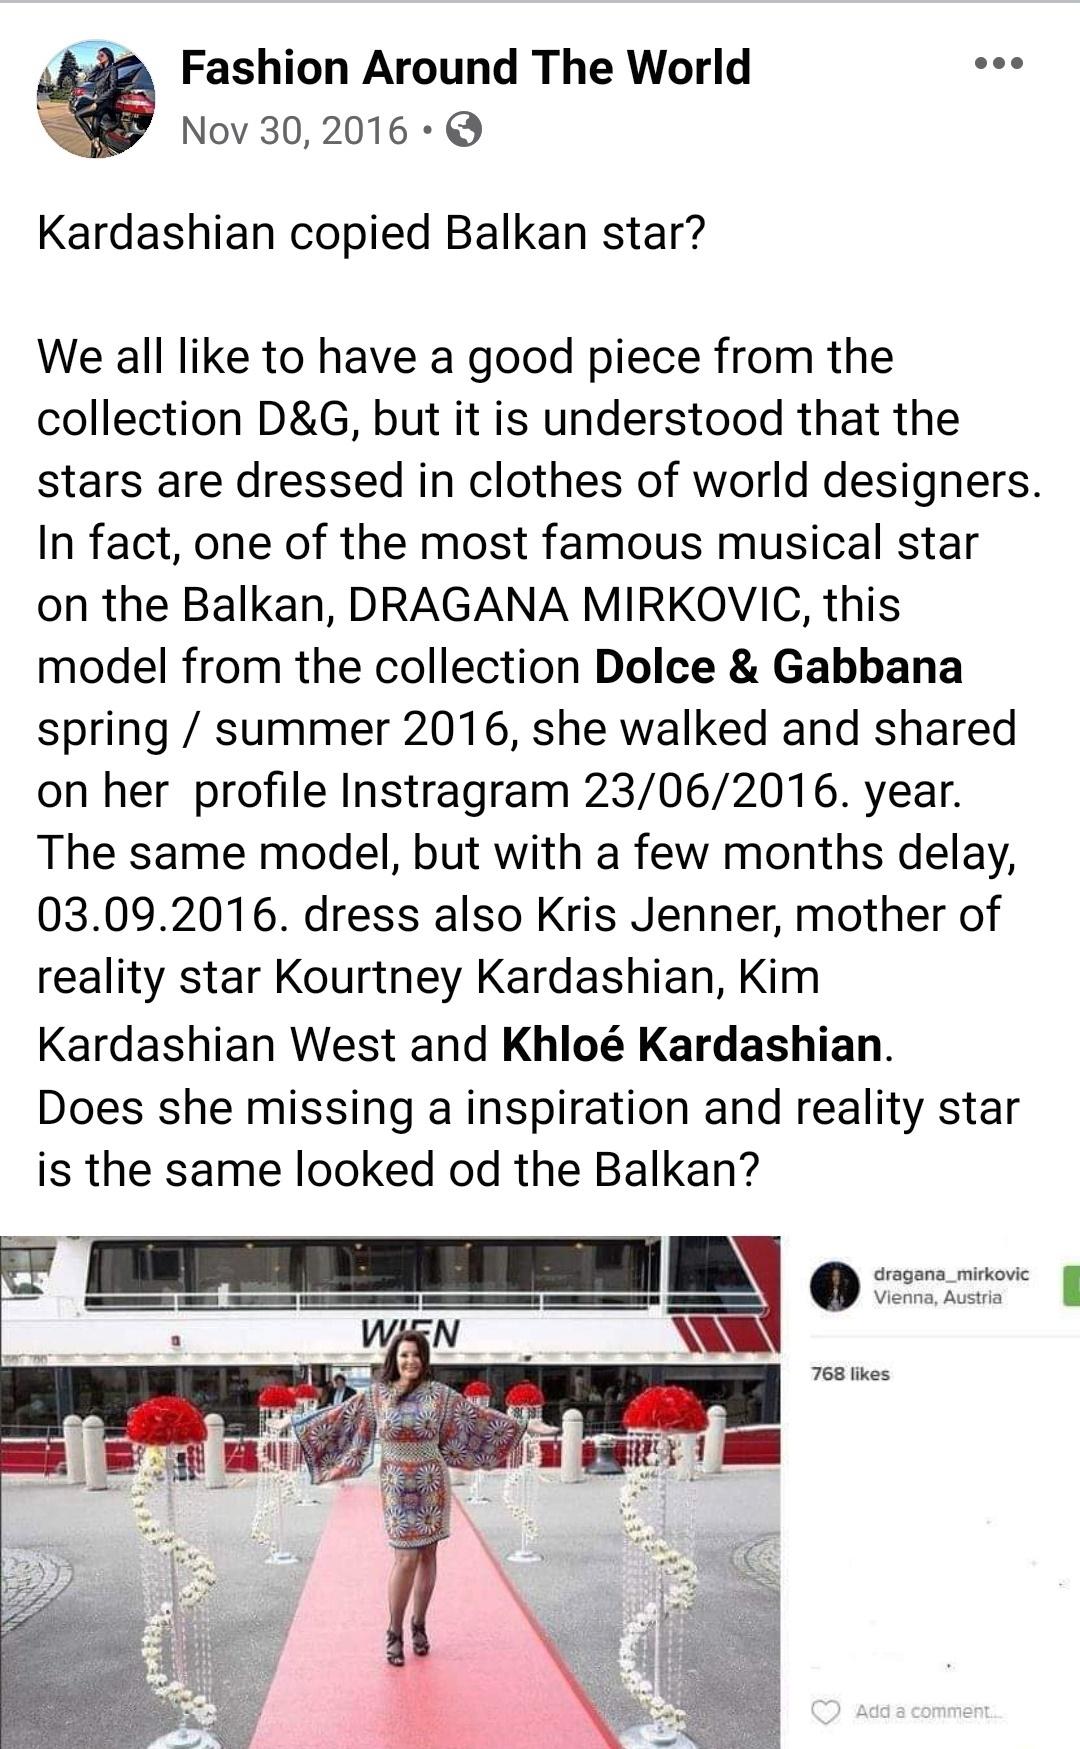 Dragana Mirkovic, Dolce & Gabbana